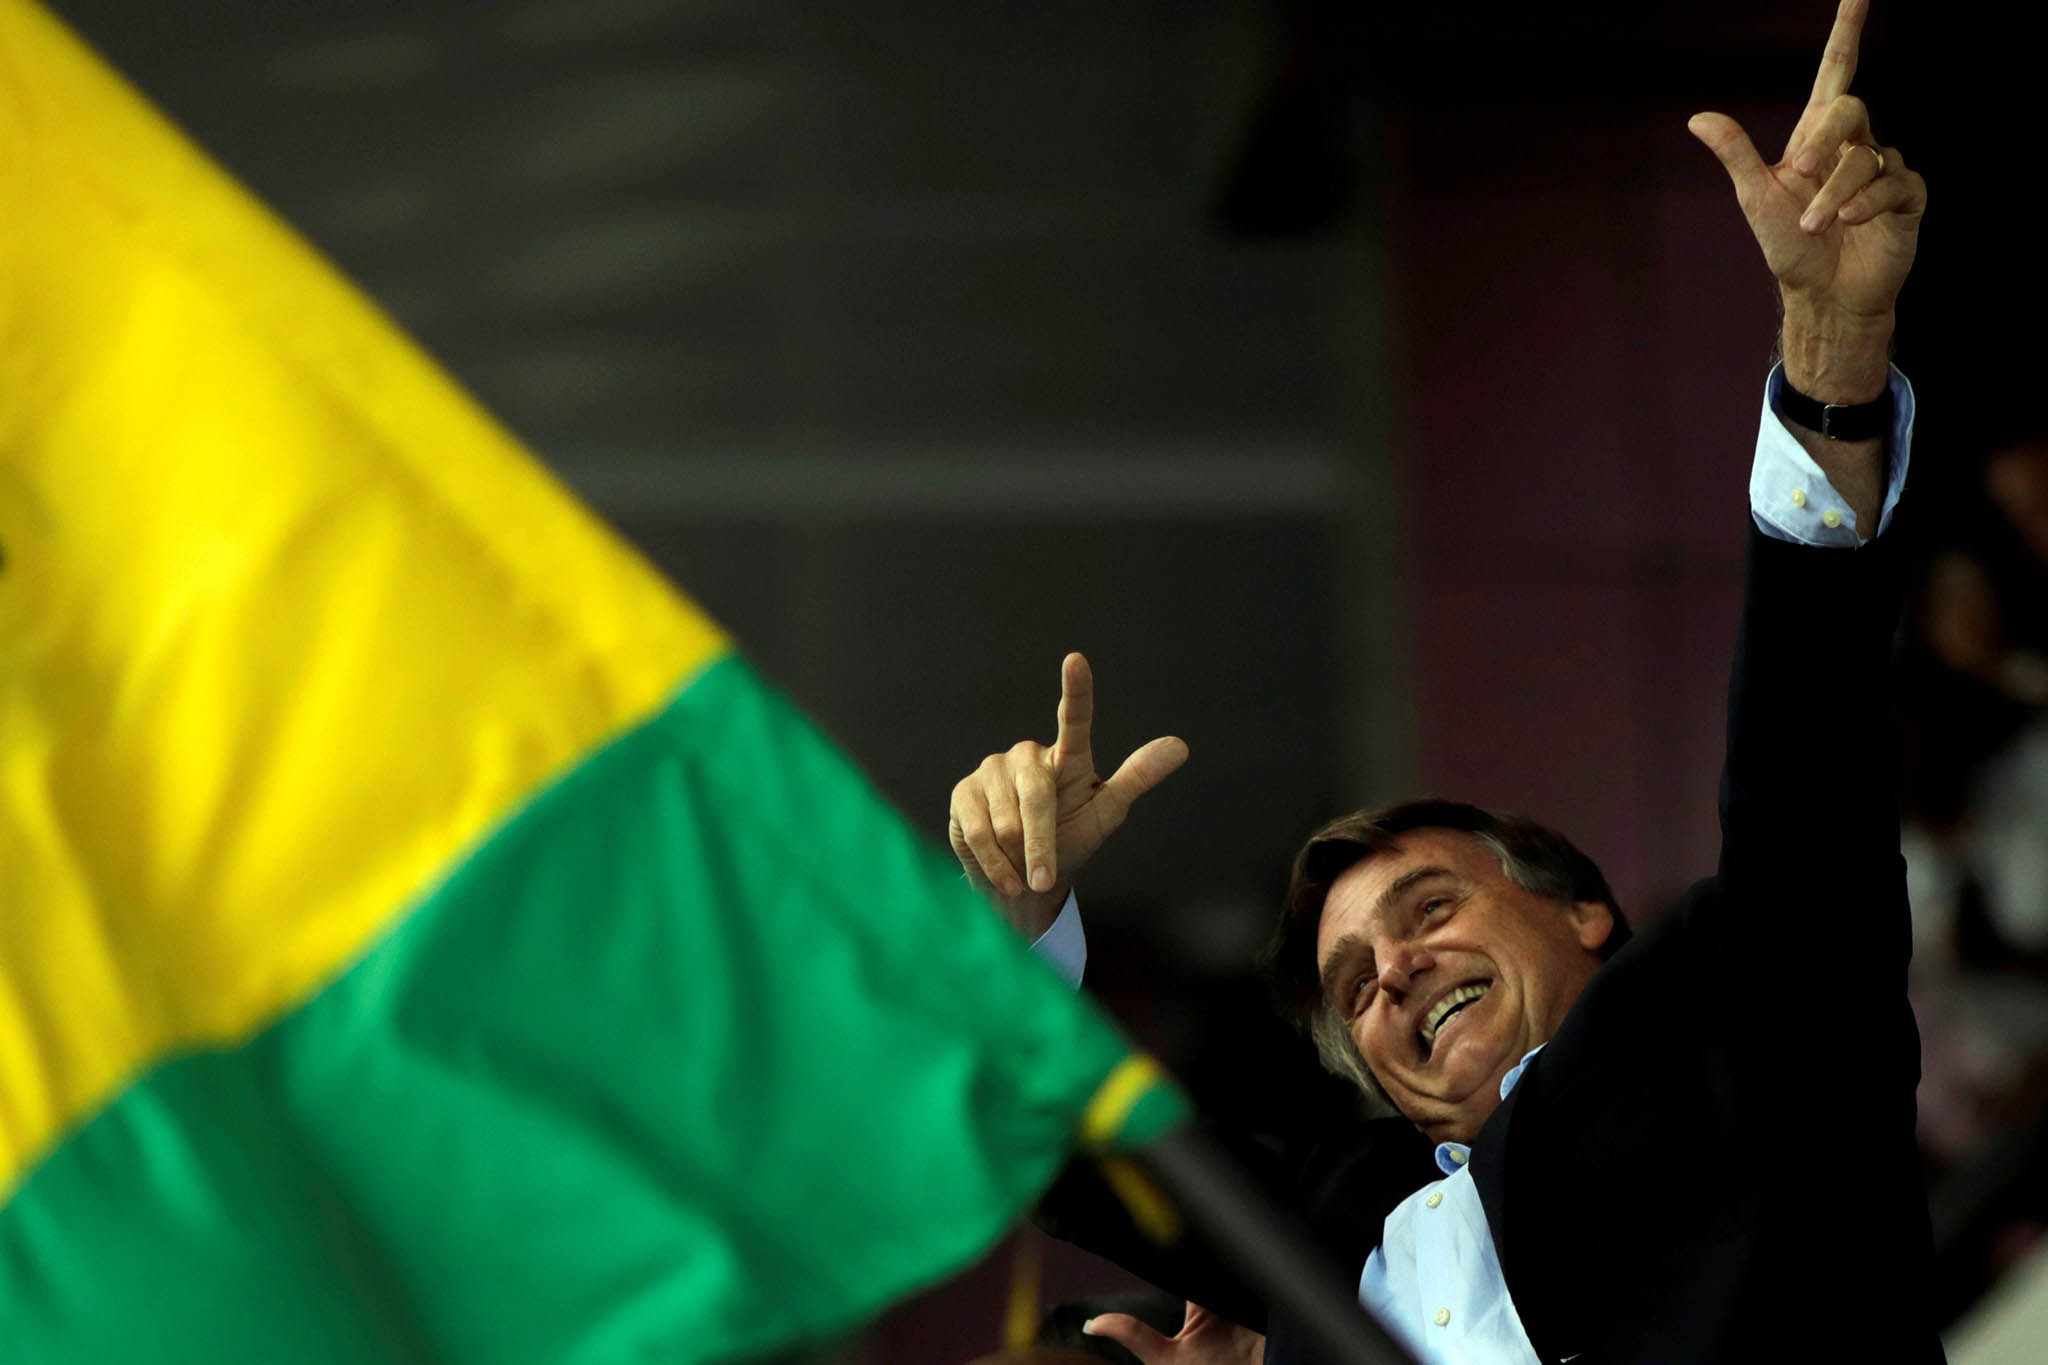 Brasil/Eleições | Bolsonaro diz que limitará privatizações na energia e ações da Eletrobras caem